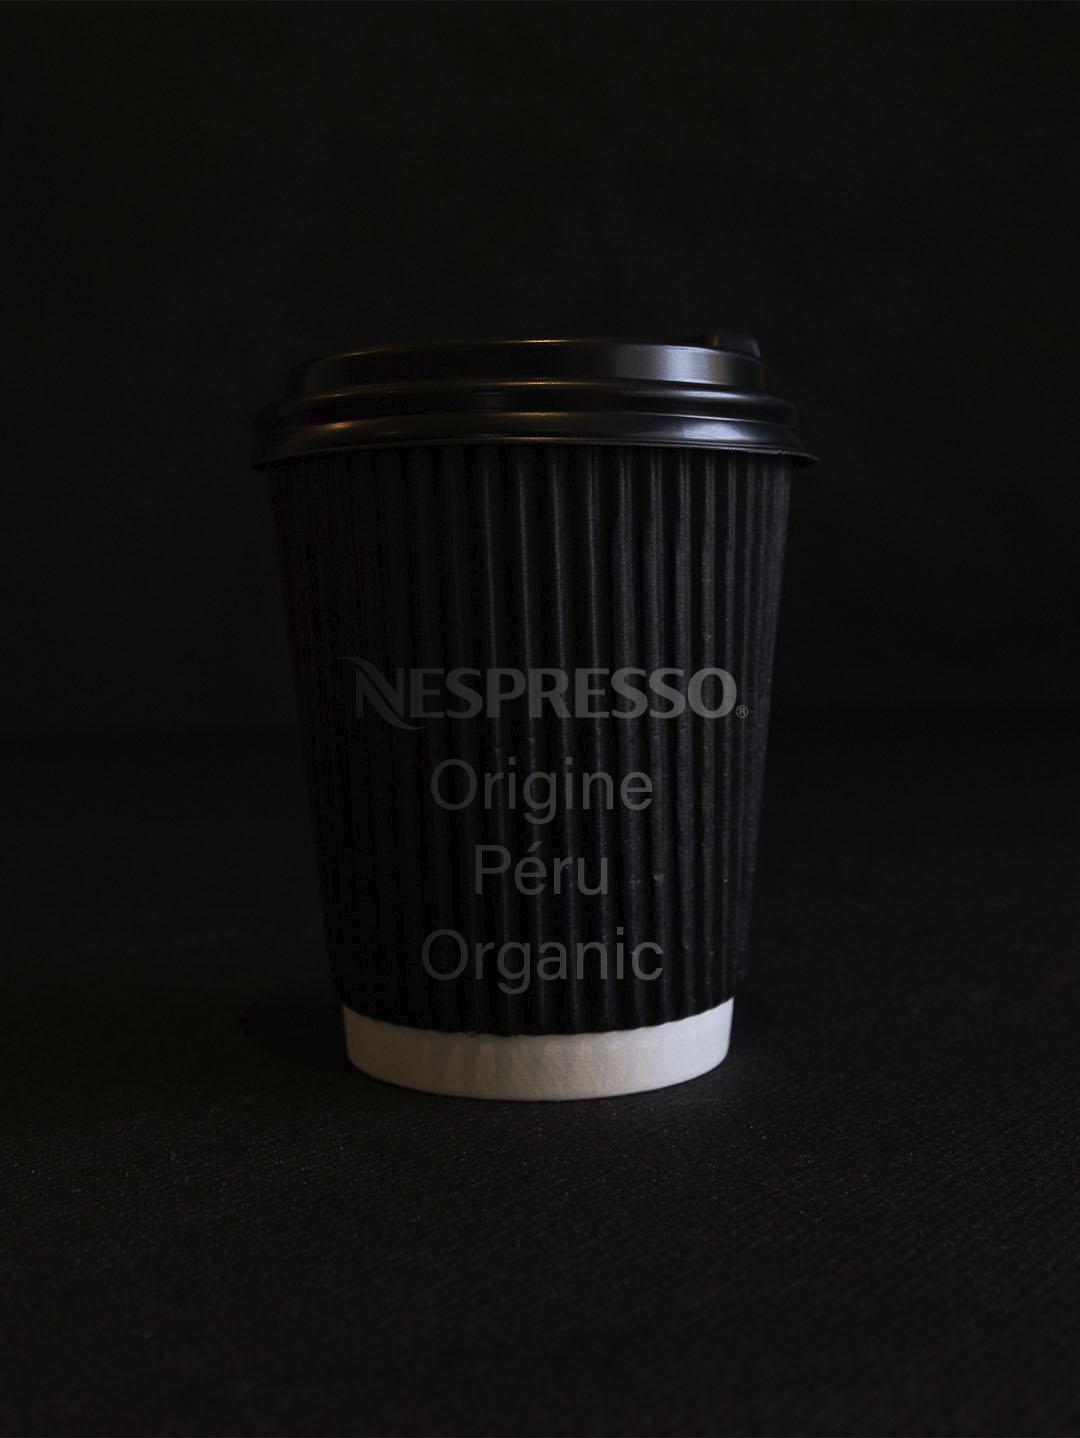 Nespresso origine peru organic coeur gourmand